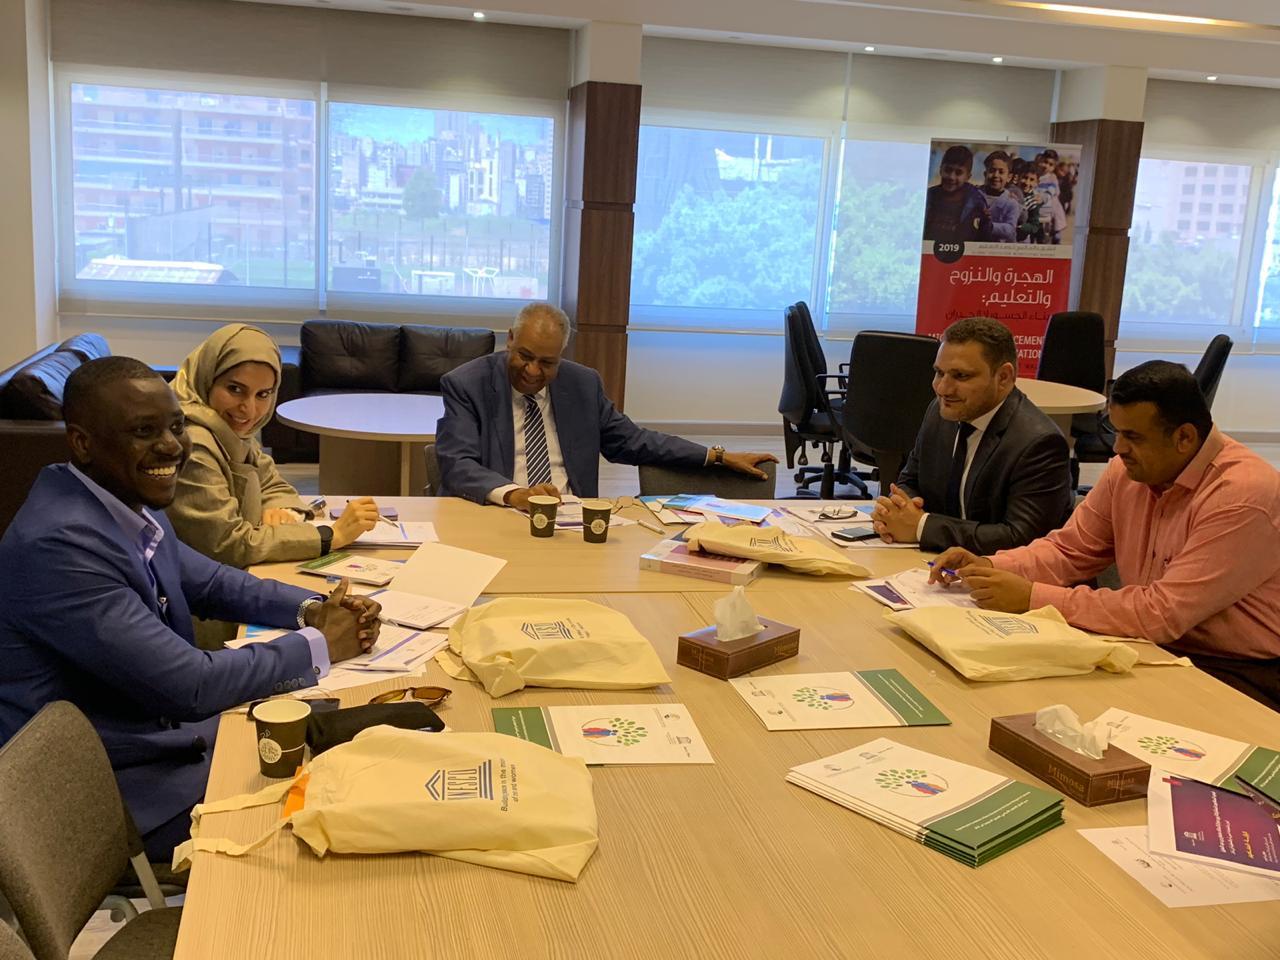 لقاء ثلاثي في بيروت لدعم التعليم المجتمعي في وزارة التربية والتعليم في اليمن لعودة الأطفال خارج المدرسة